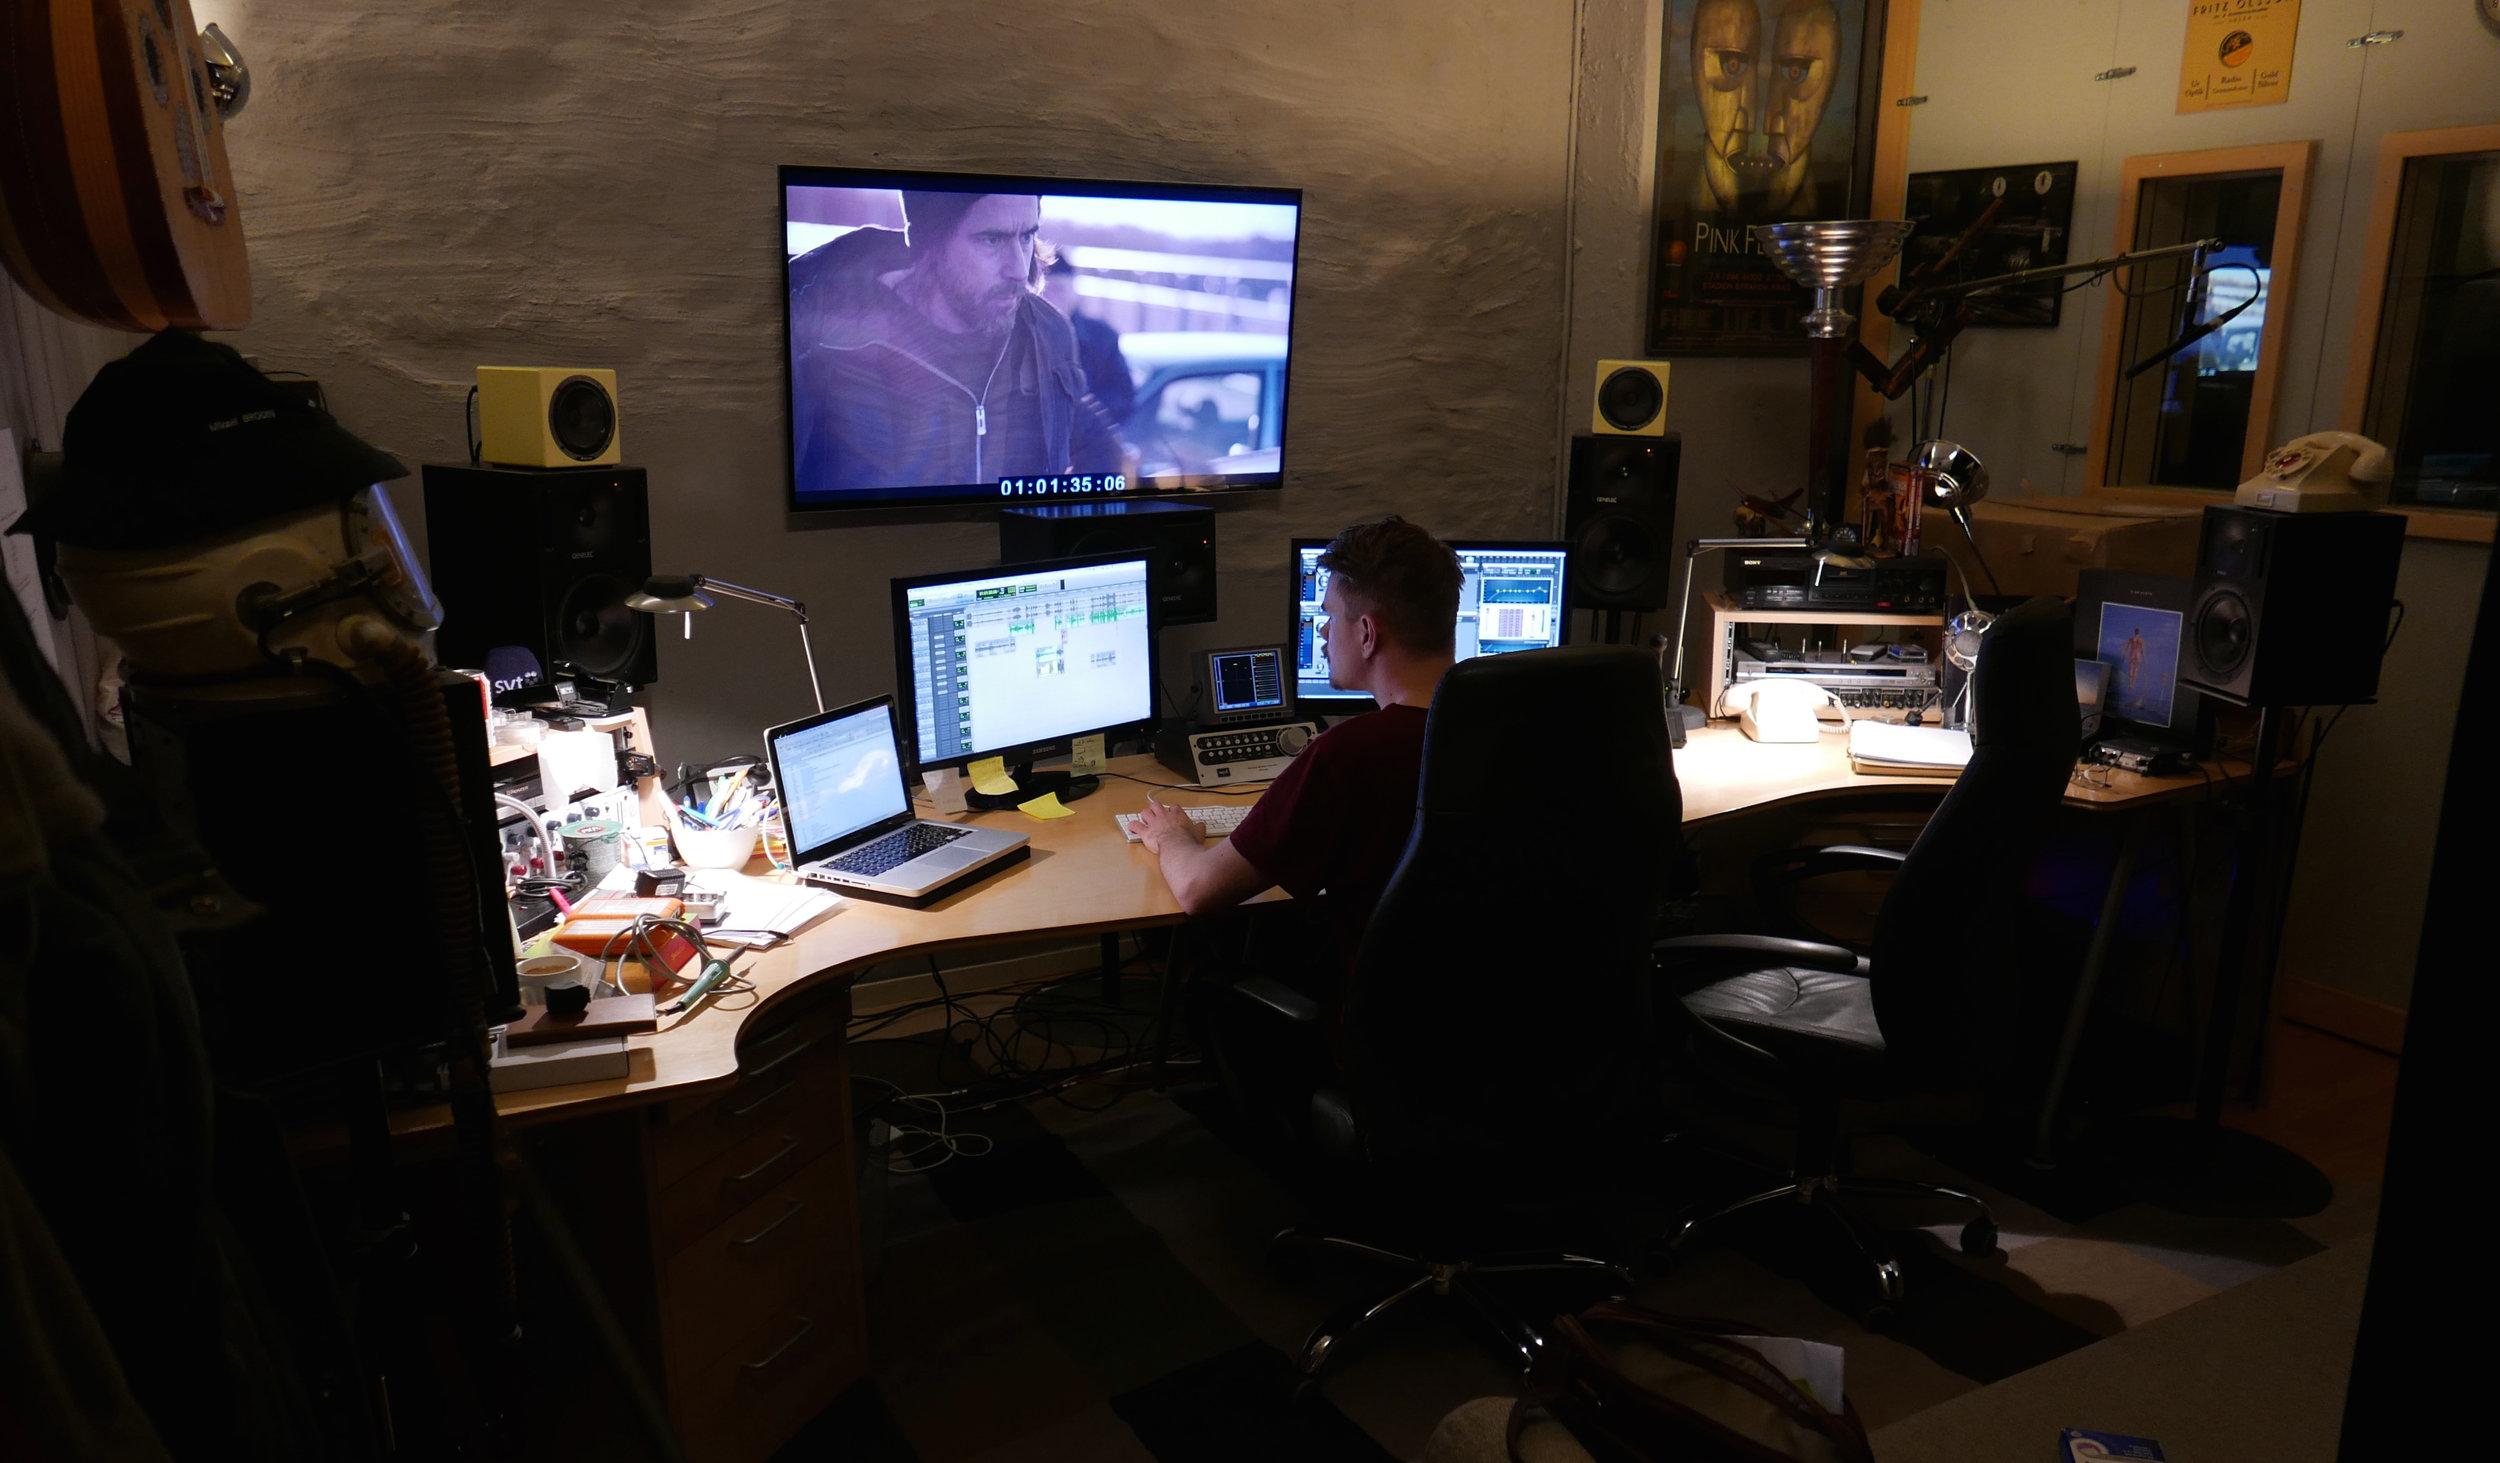 Robin Svensk i S2 (cockpit-rummet) som används mest till film/tv-ljudläggning och mix i 5.1. Just nu jobbar han med den nya  Hassel -serien.